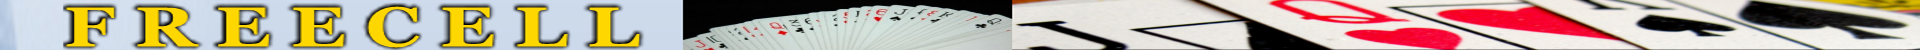 FreeCell – jogar jogos Free Cell online gratis e aqui!